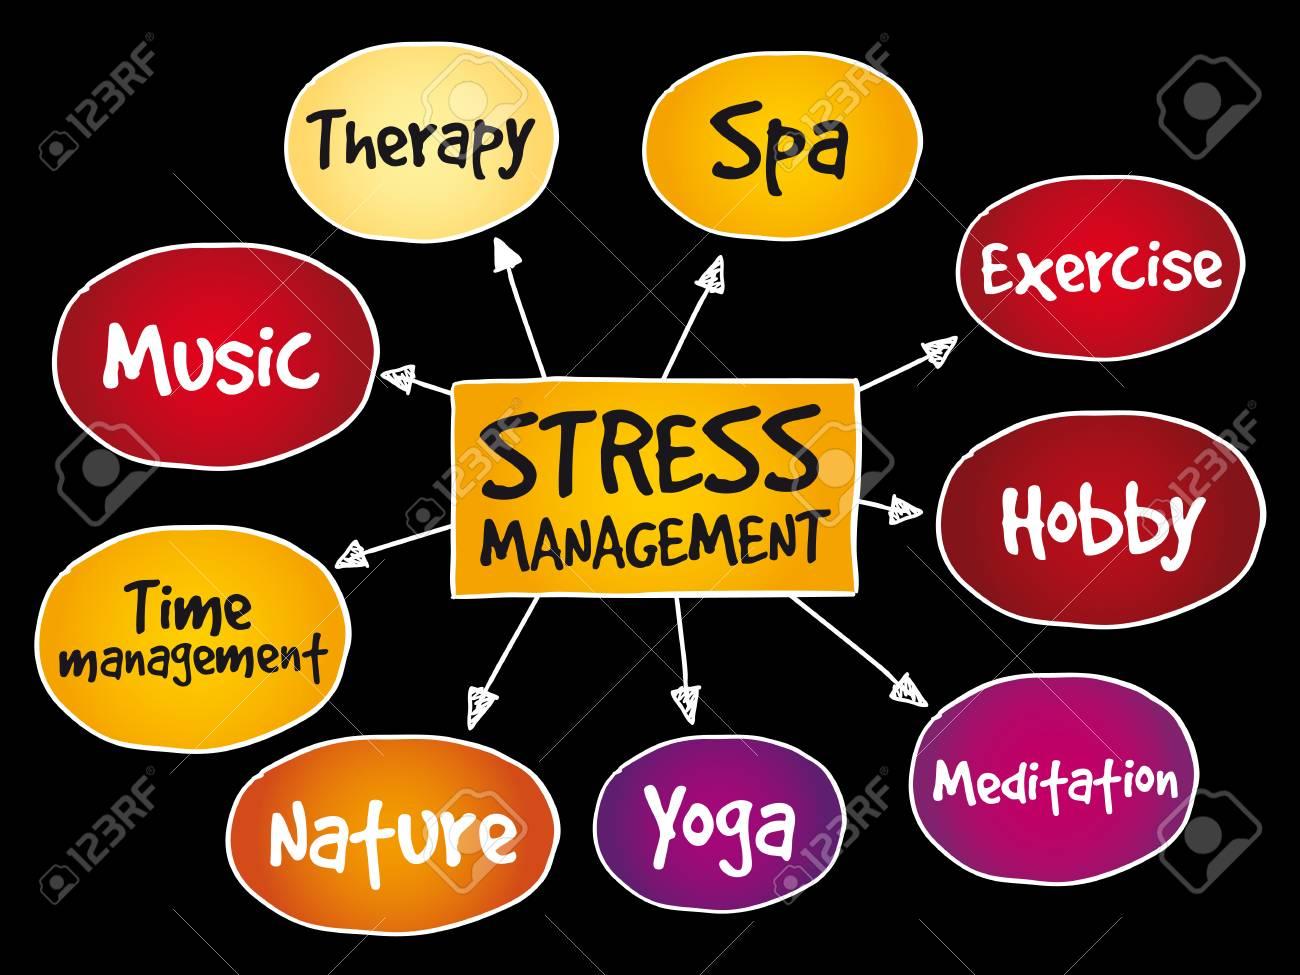 Stress Management mind map